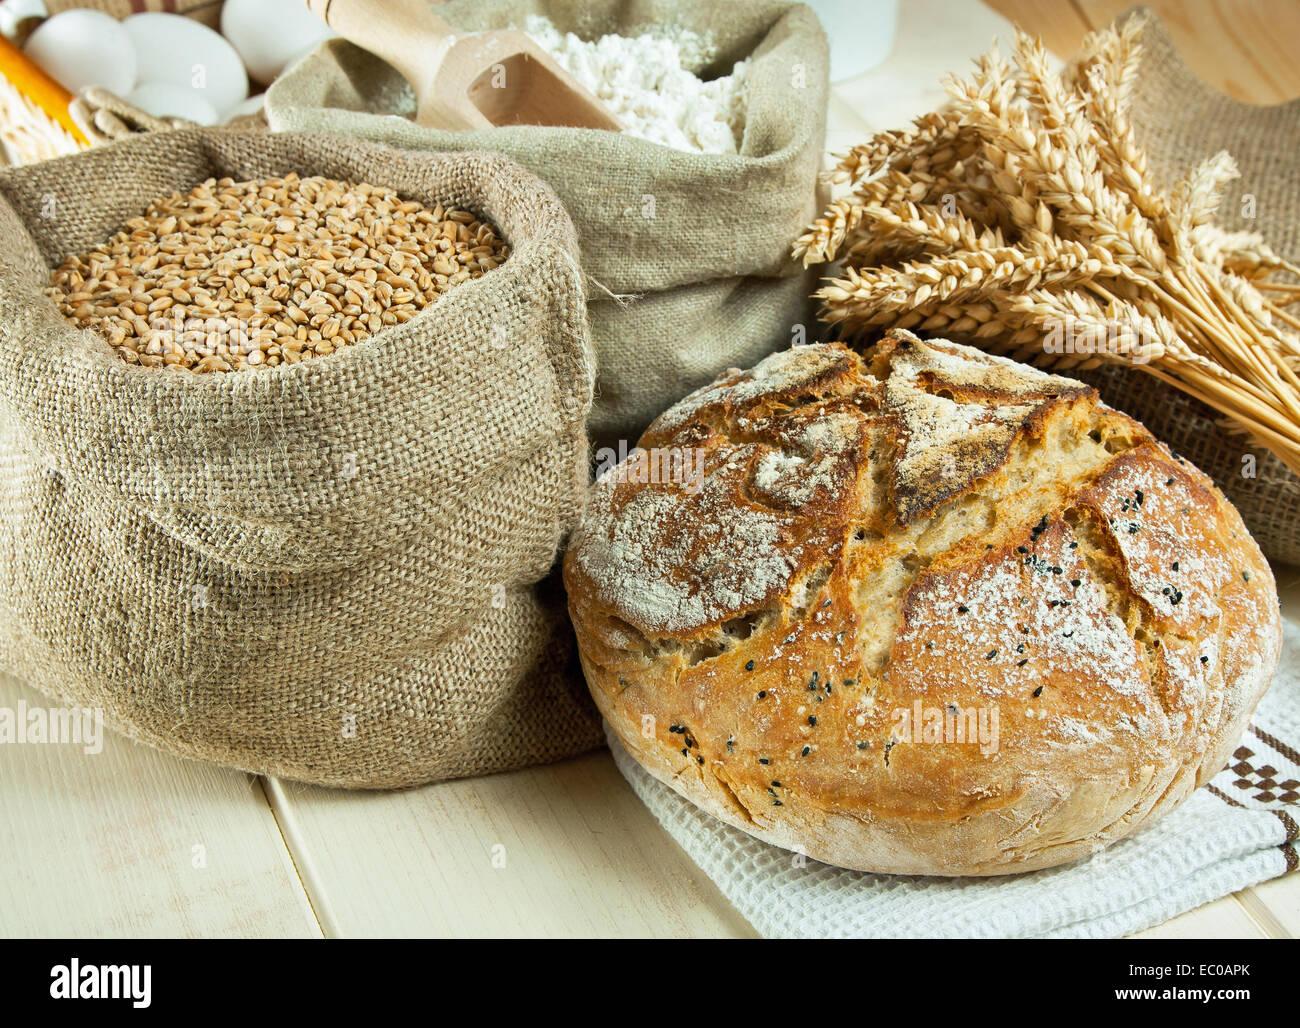 Du pain et des grains de blé sur la table Photo Stock